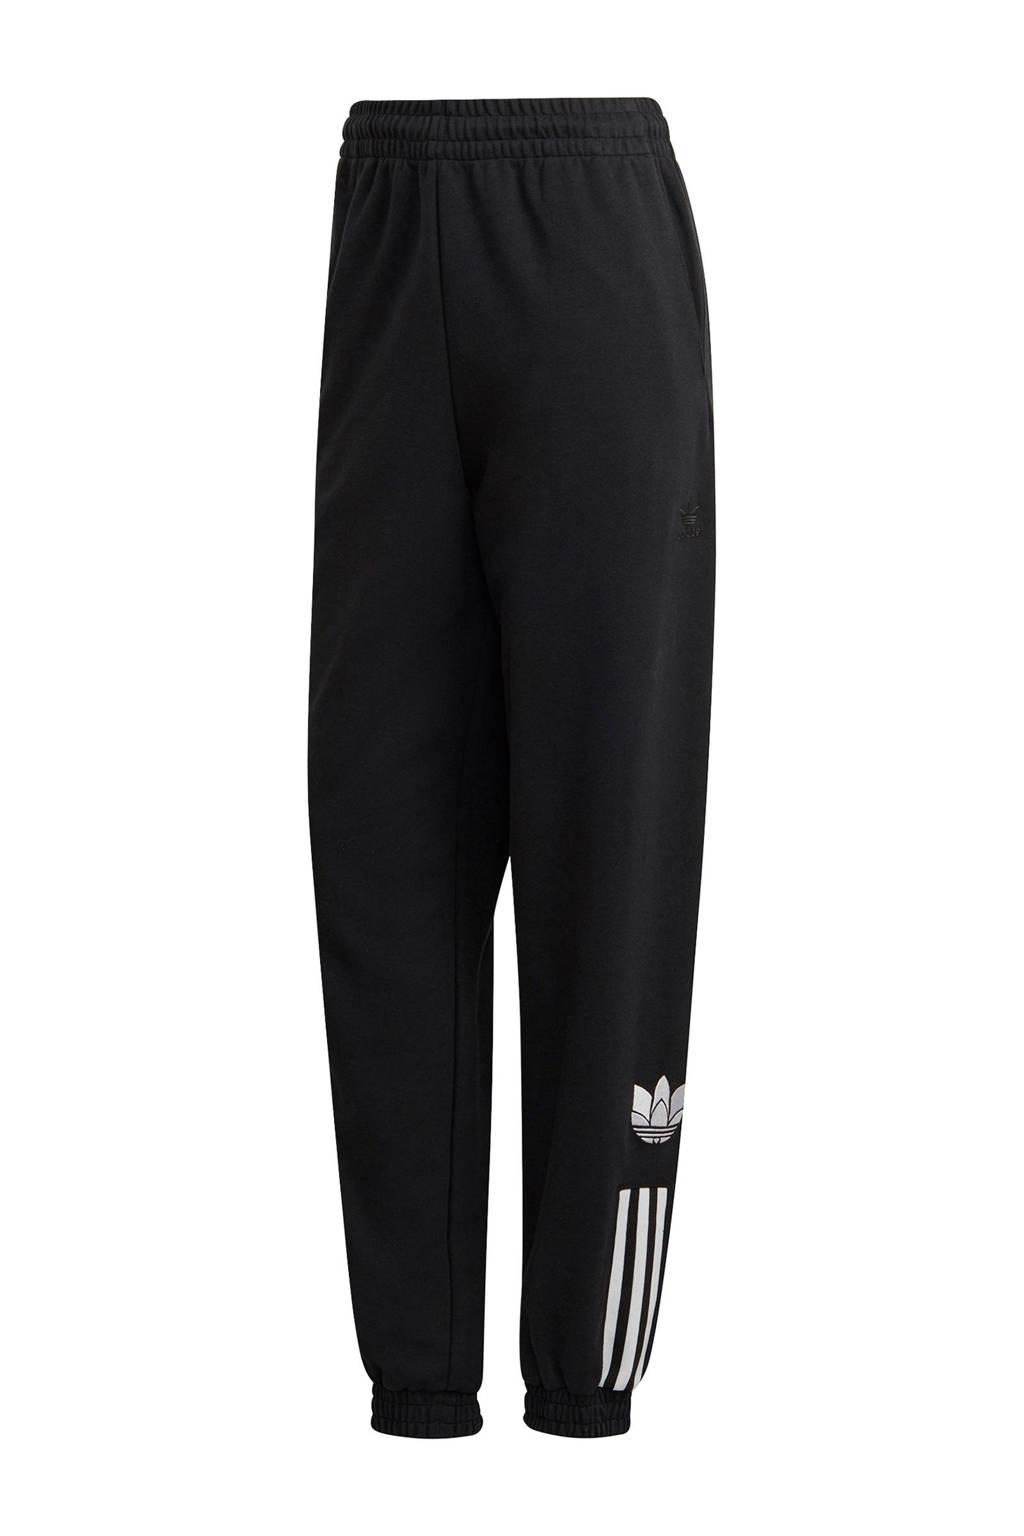 adidas Originals Adicolor joggingbroek zwart, Zwart